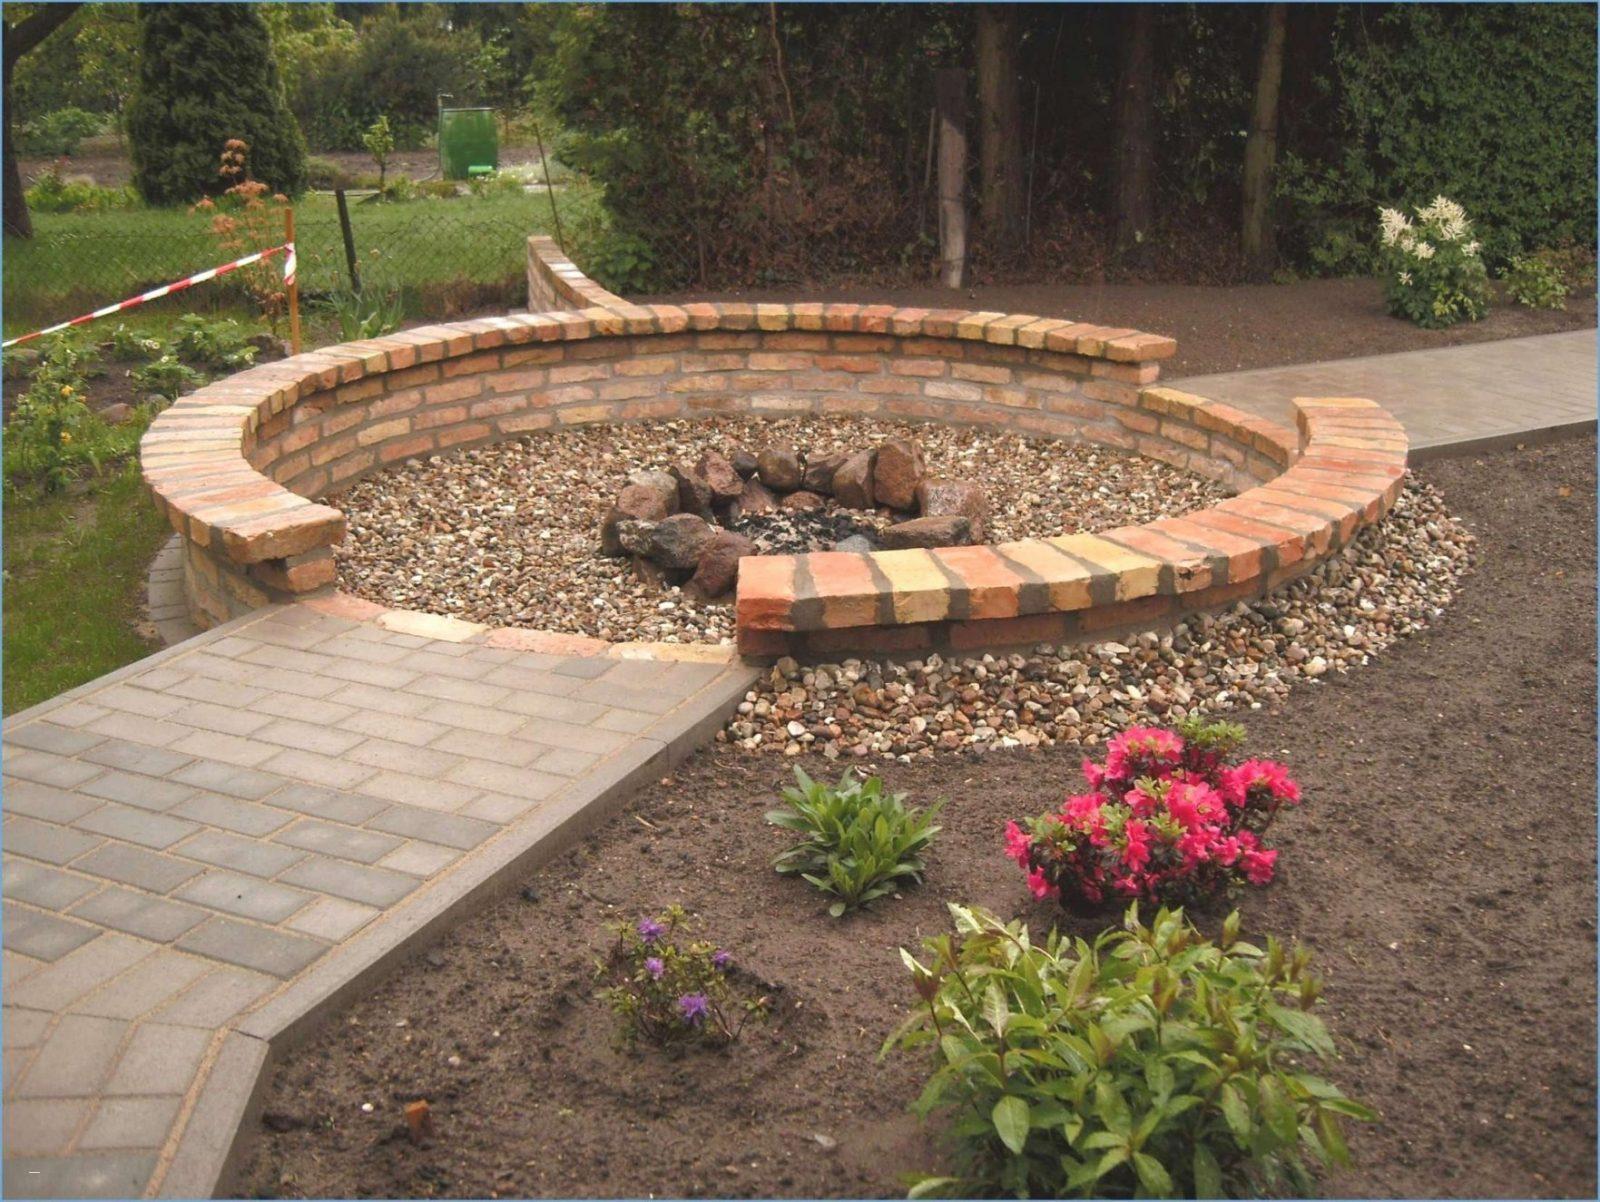 Offene Feuerstelle Im Garten Neu Das Beste Von 41 Feuerstellen von Offene Feuerstelle Im Garten Erlaubt Photo